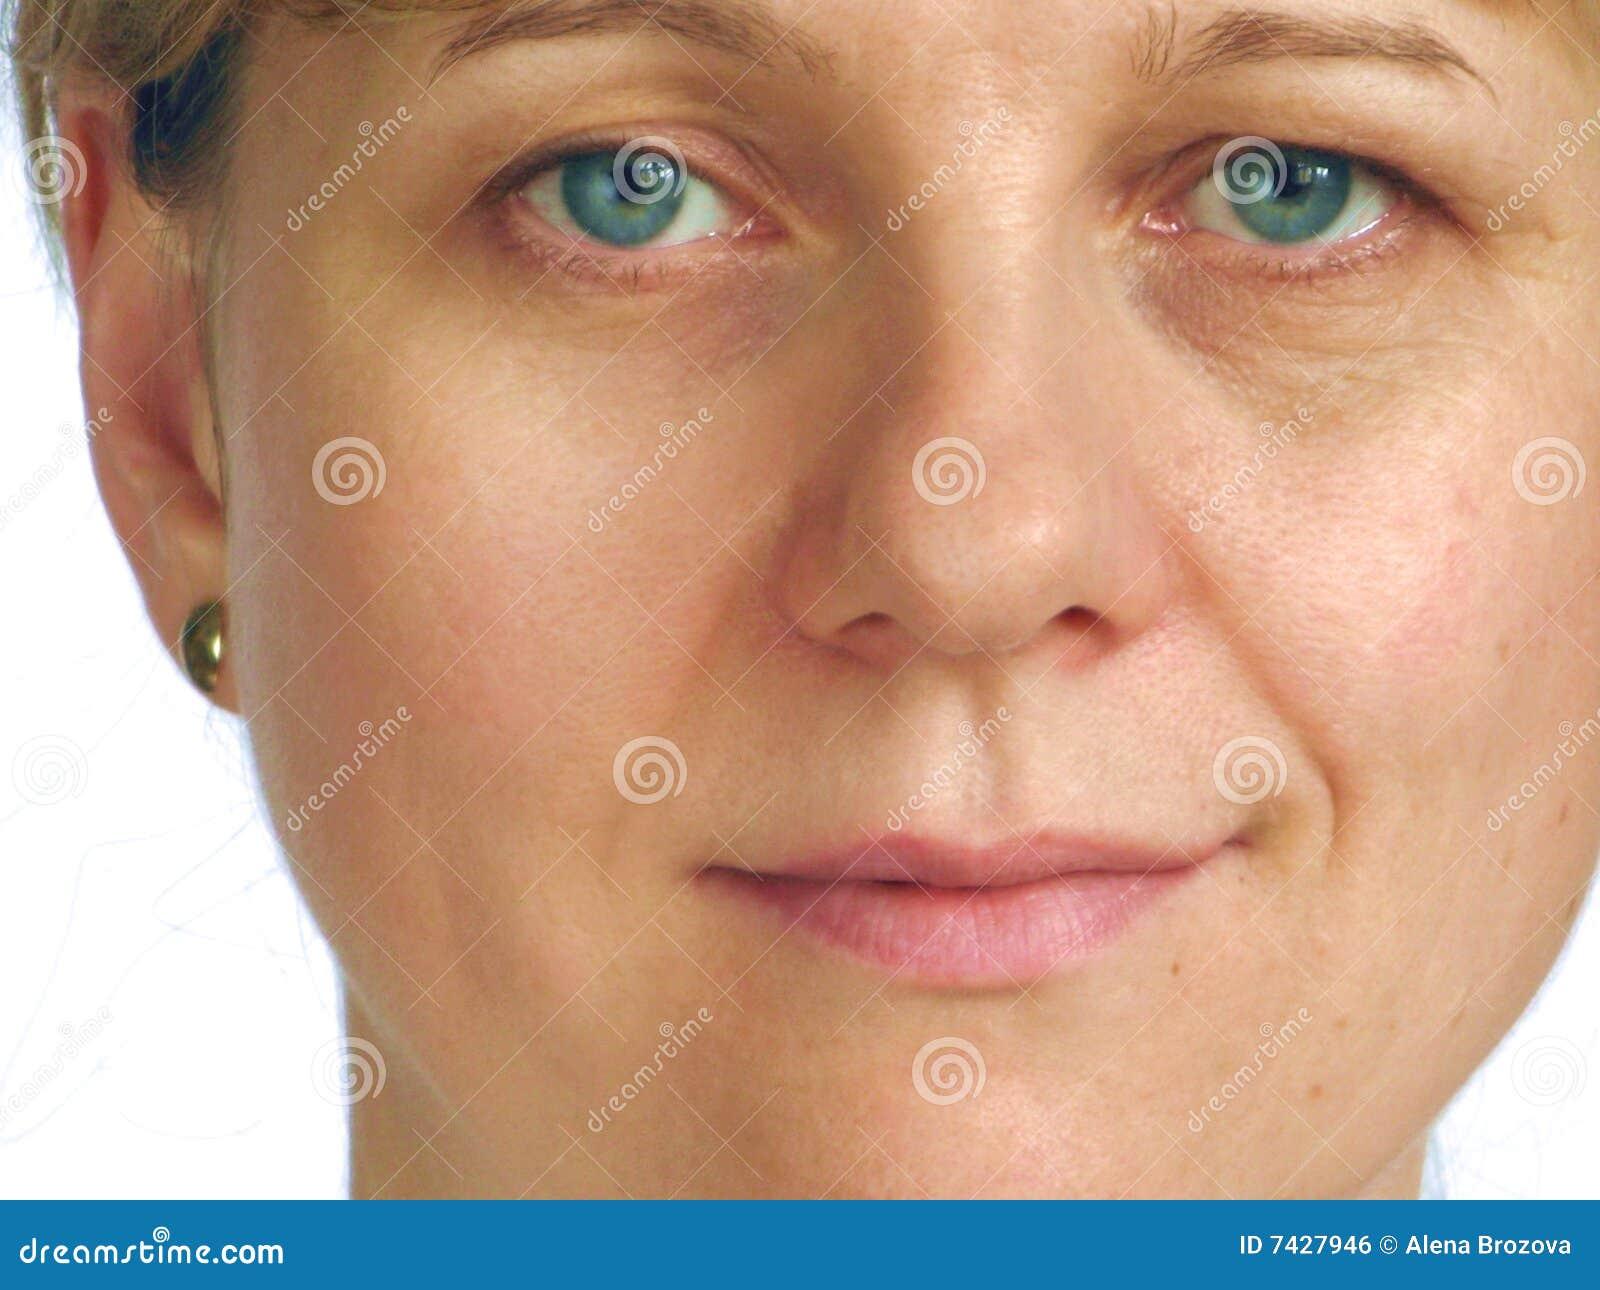 Correctie van rimpels op de helft van gezicht